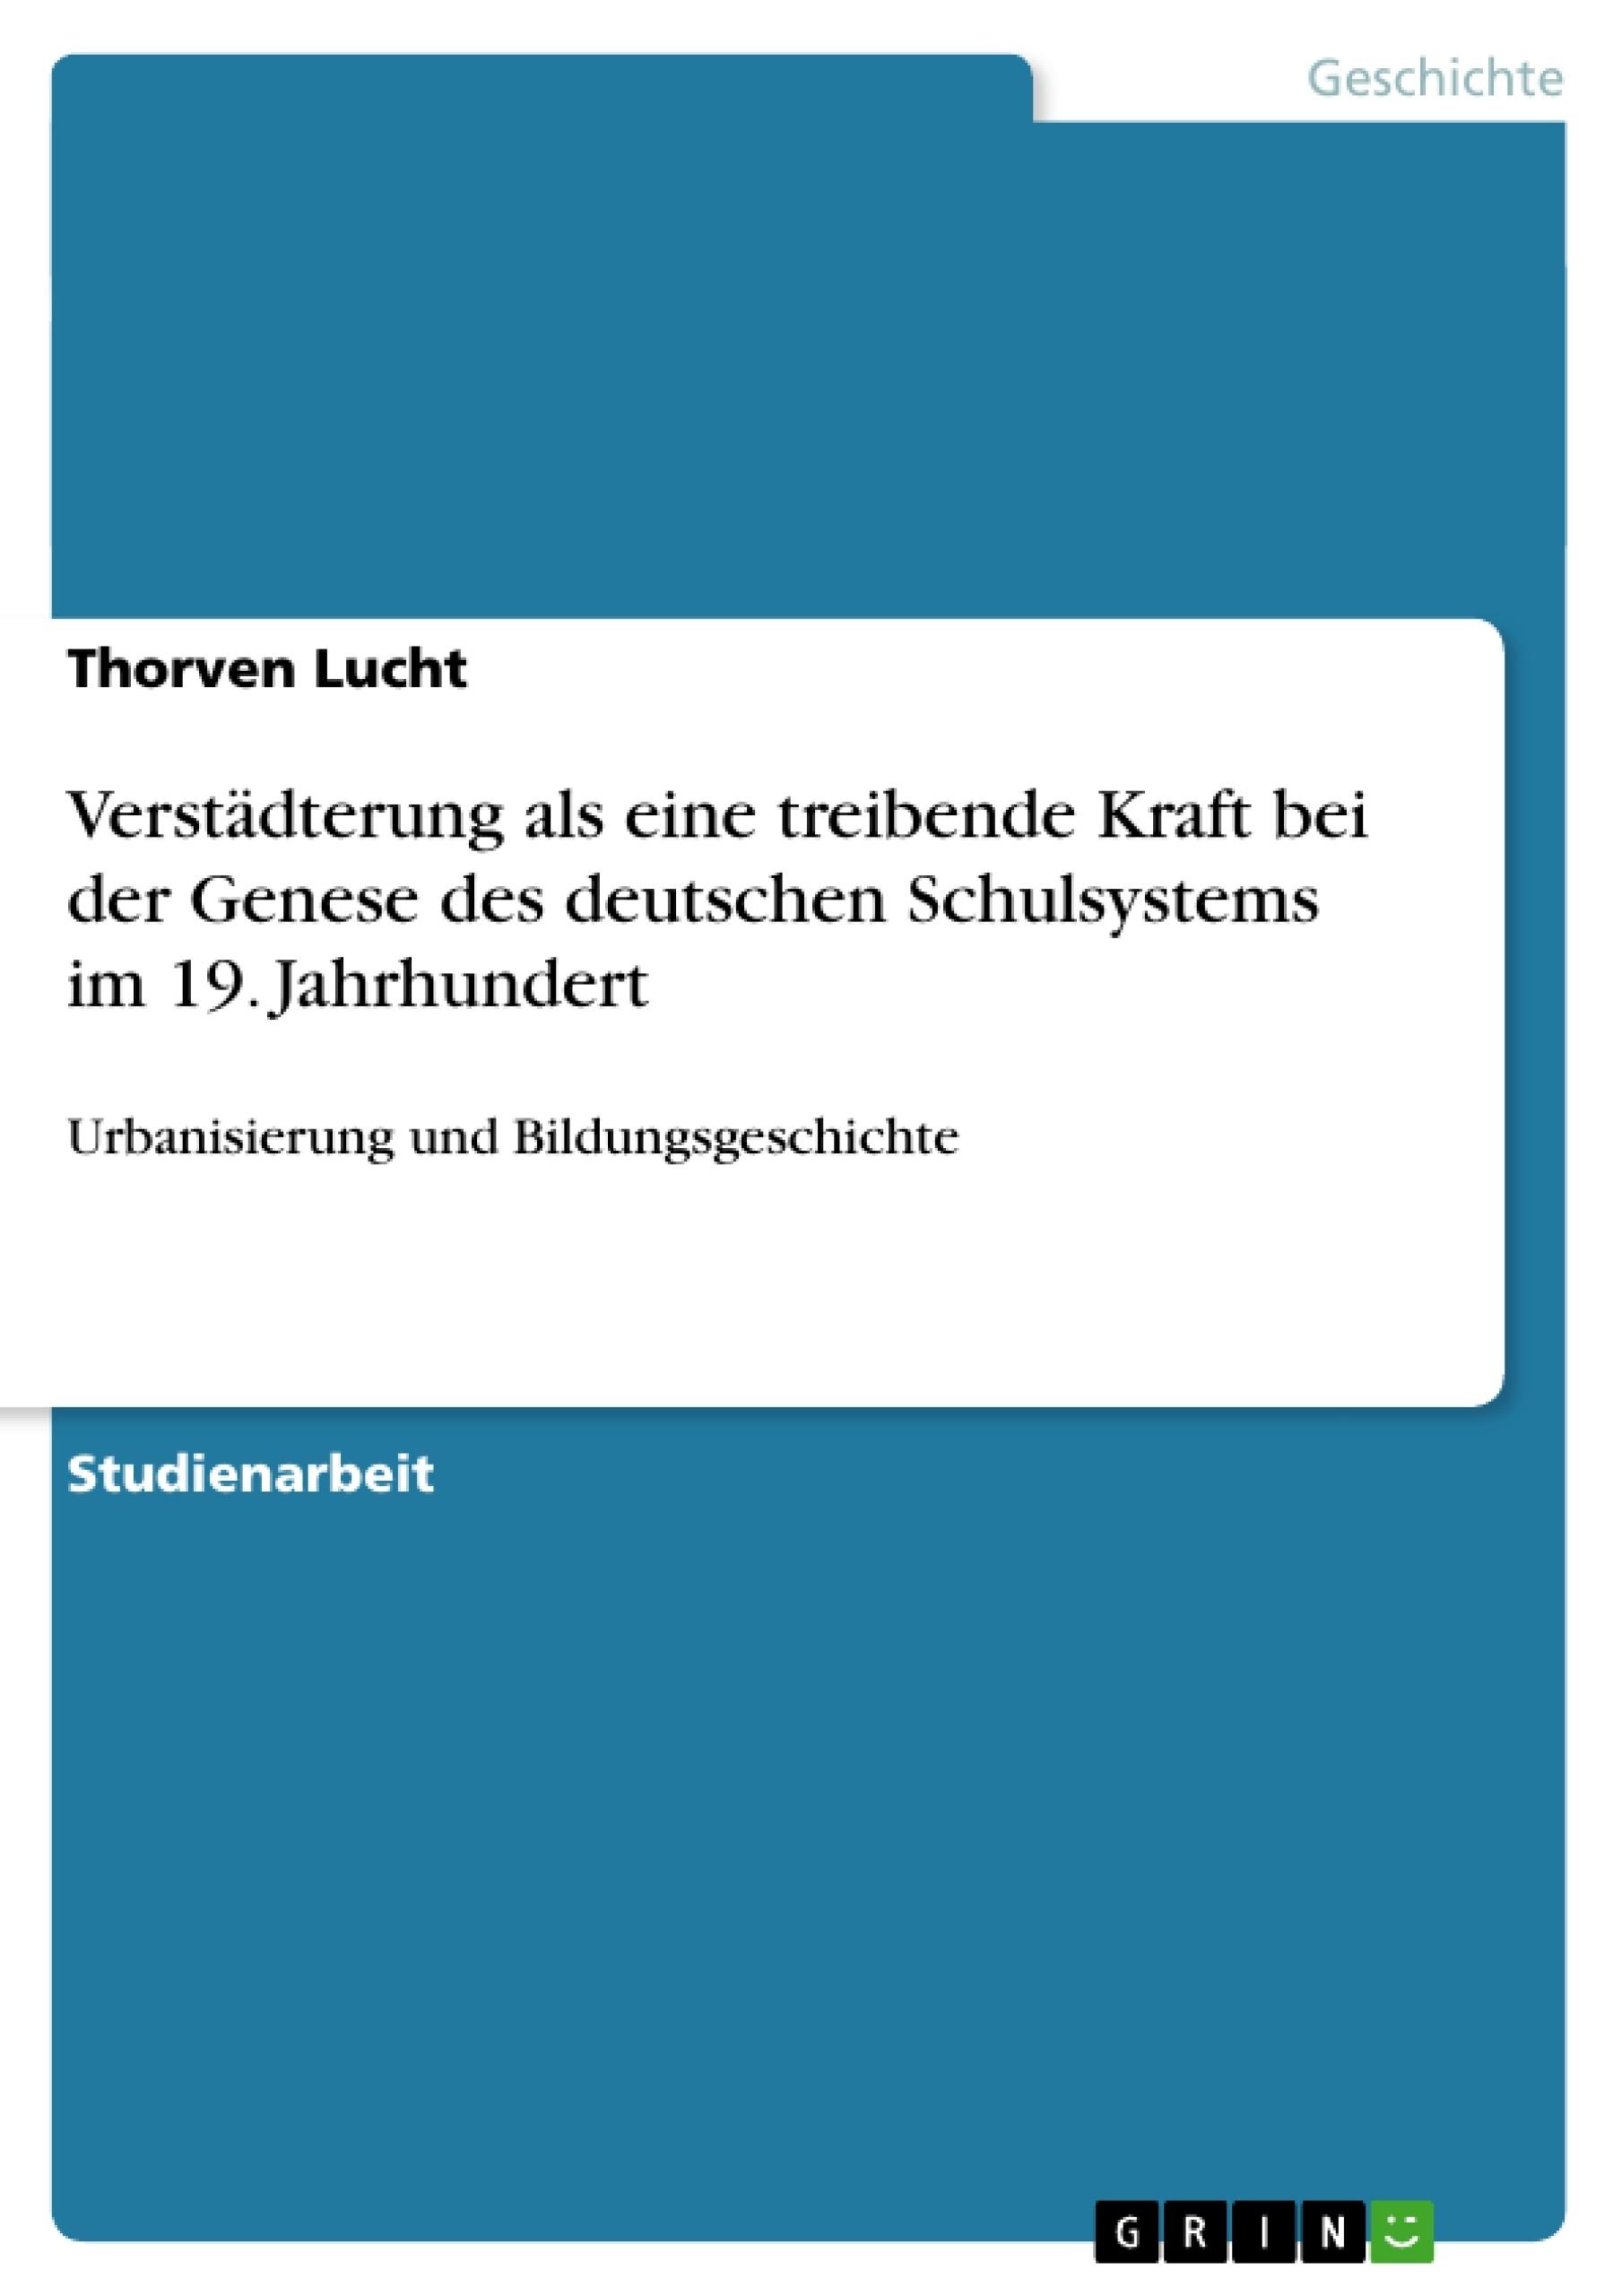 Titel: Verstädterung als eine treibende Kraft bei der Genese des deutschen Schulsystems im 19. Jahrhundert